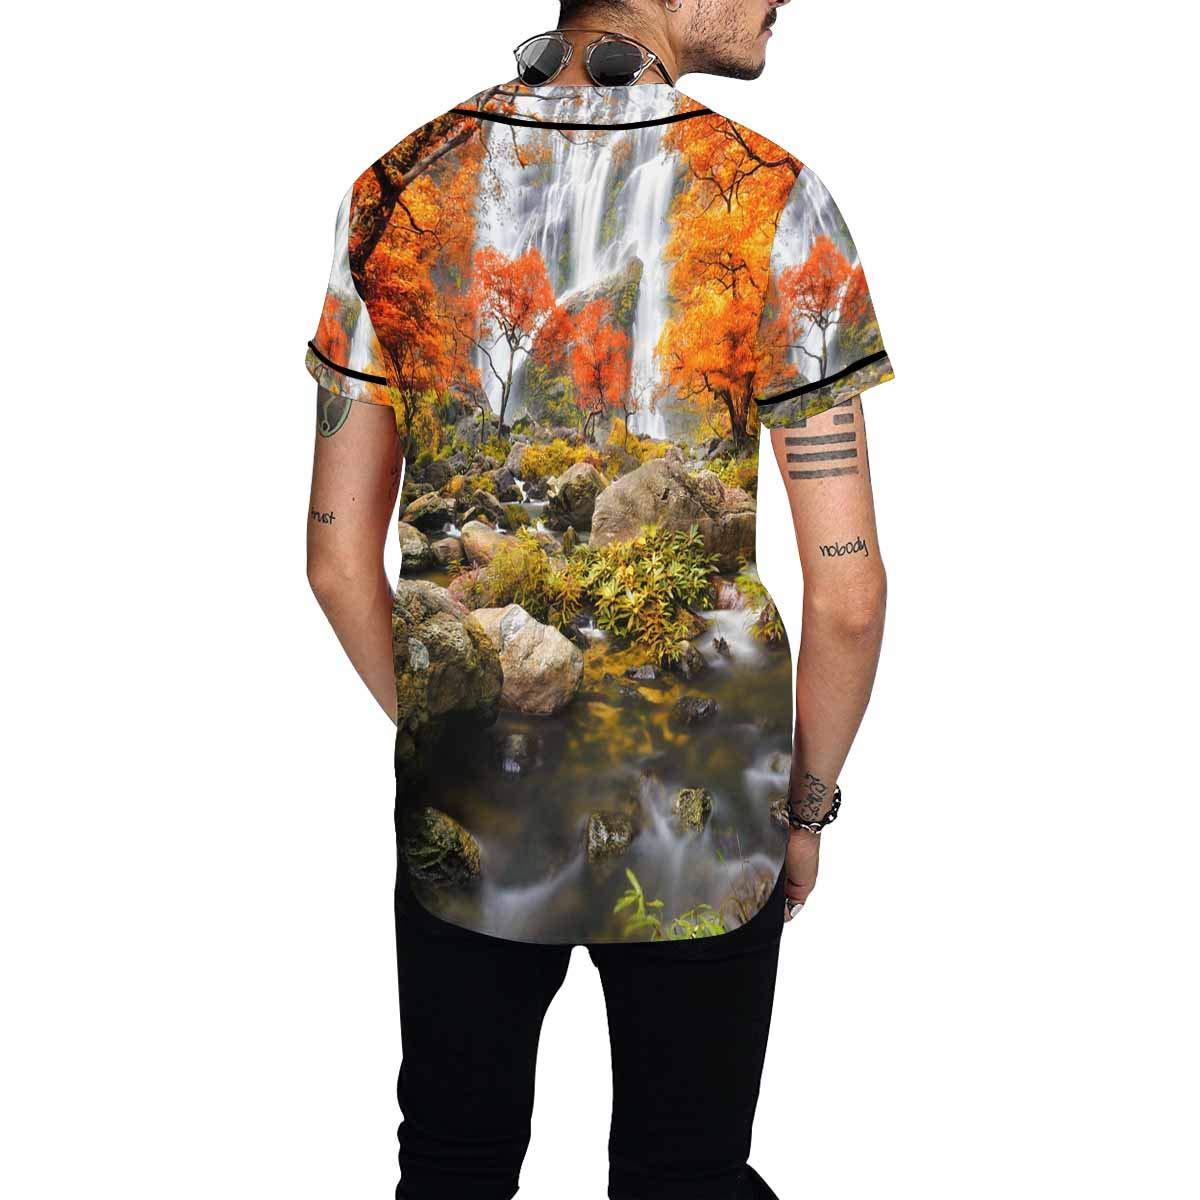 INTERESTPRINT Mens Hipster Short Sleeve Full Button Baseball Jersey Shirts Autumn Landscape Waterfall